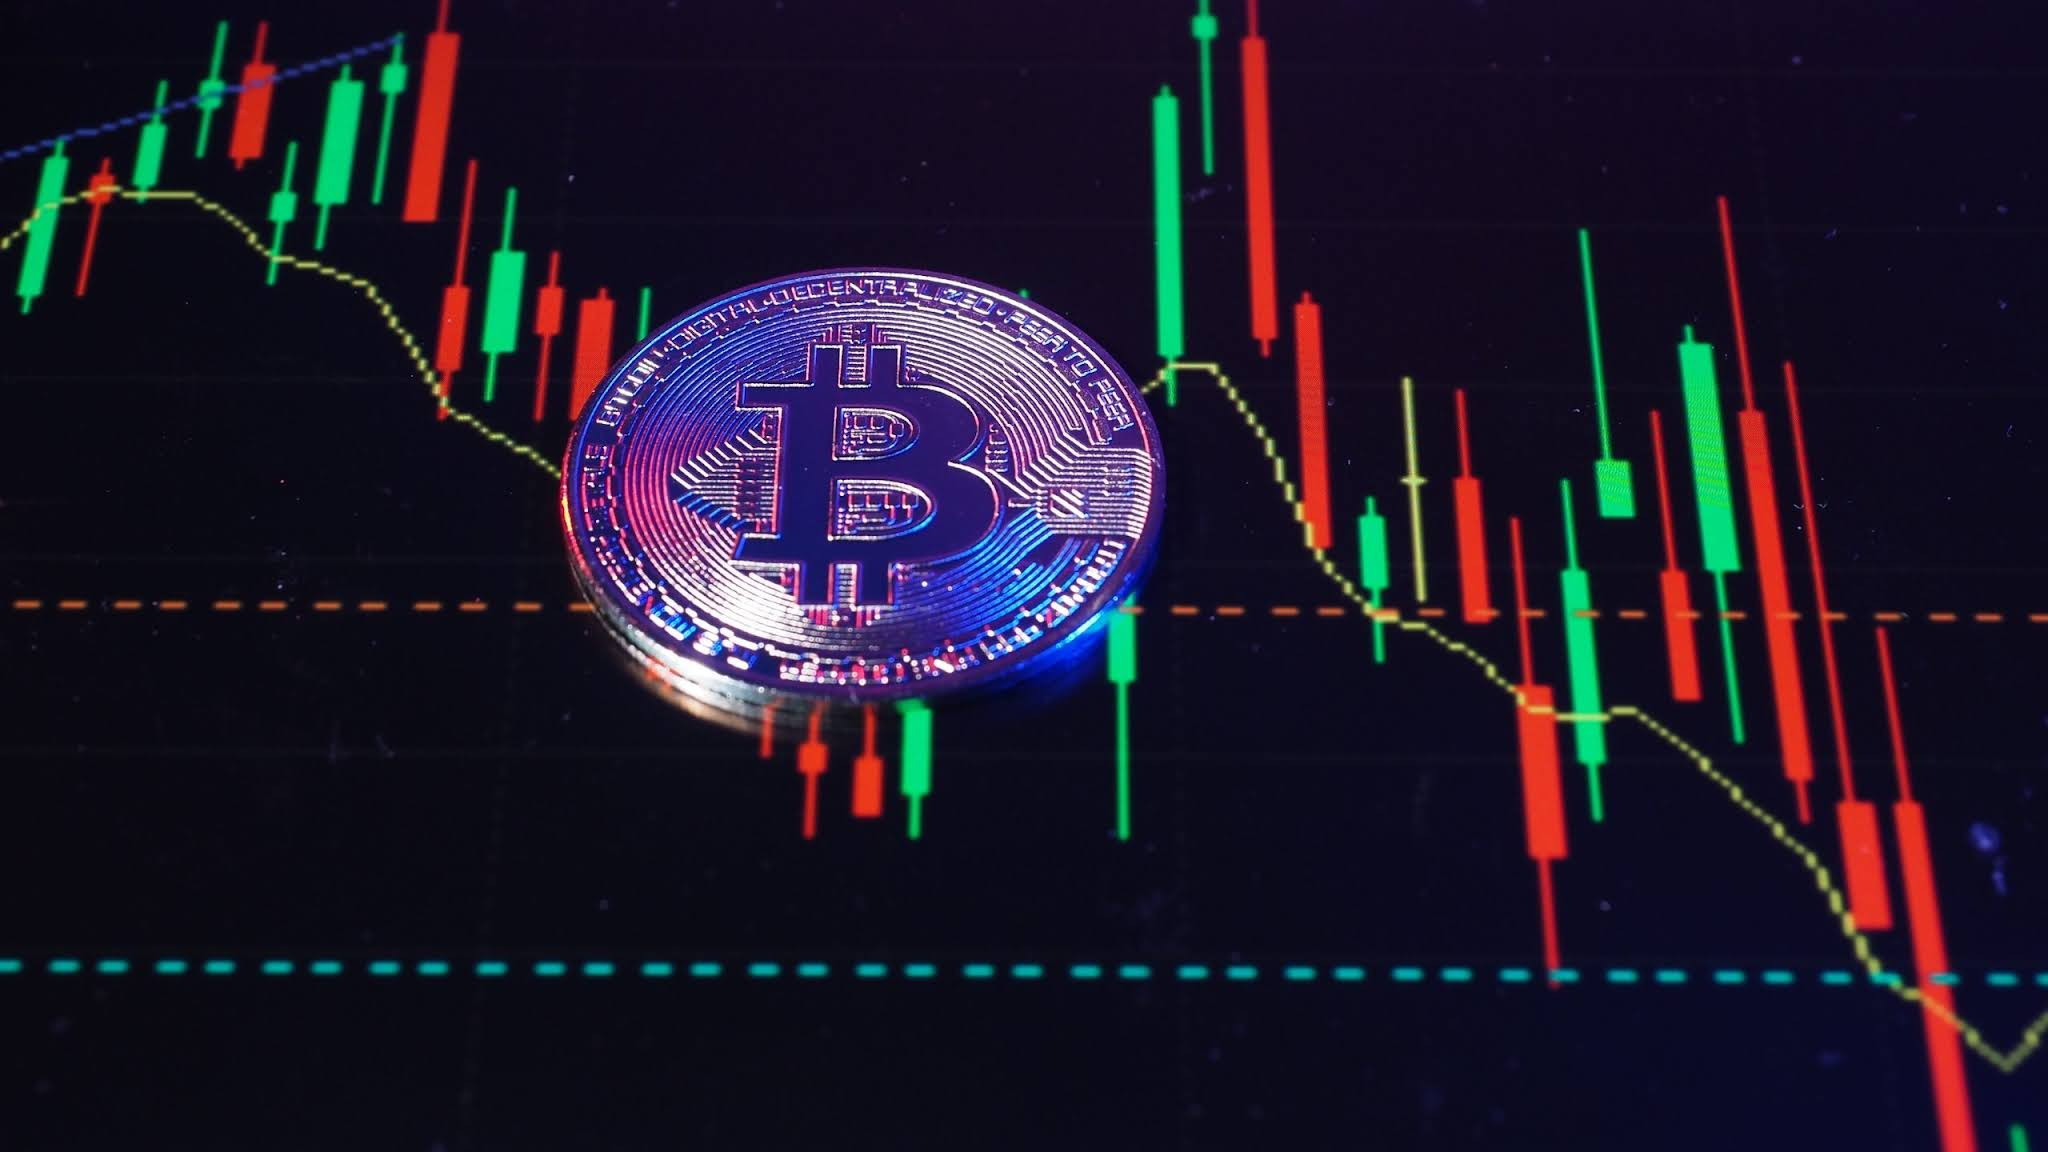 Kripto paralarda haftanın önemli haberleri